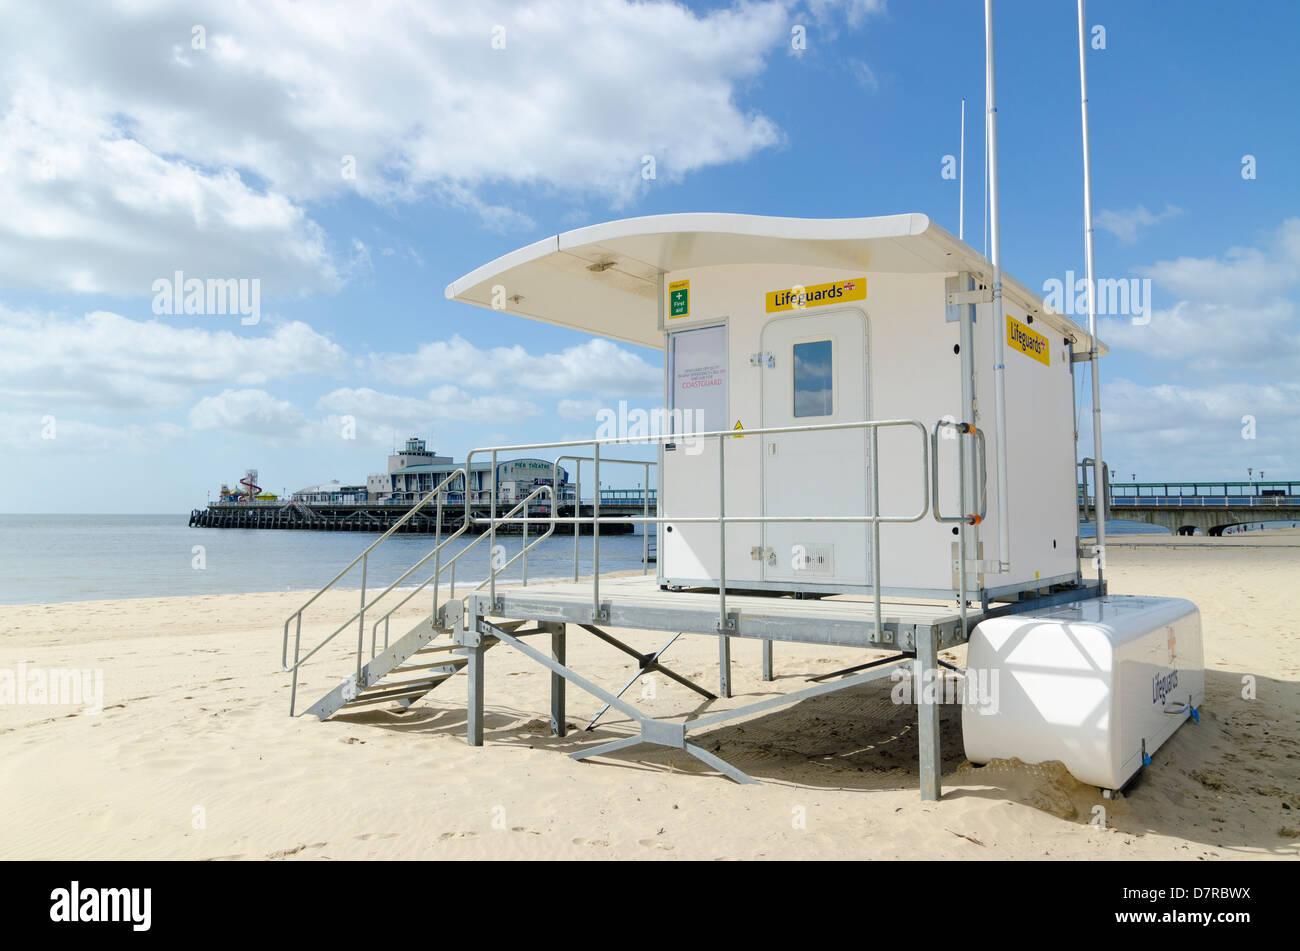 Lifeguard hut on Bournemouth beach Dorset UK - Stock Image